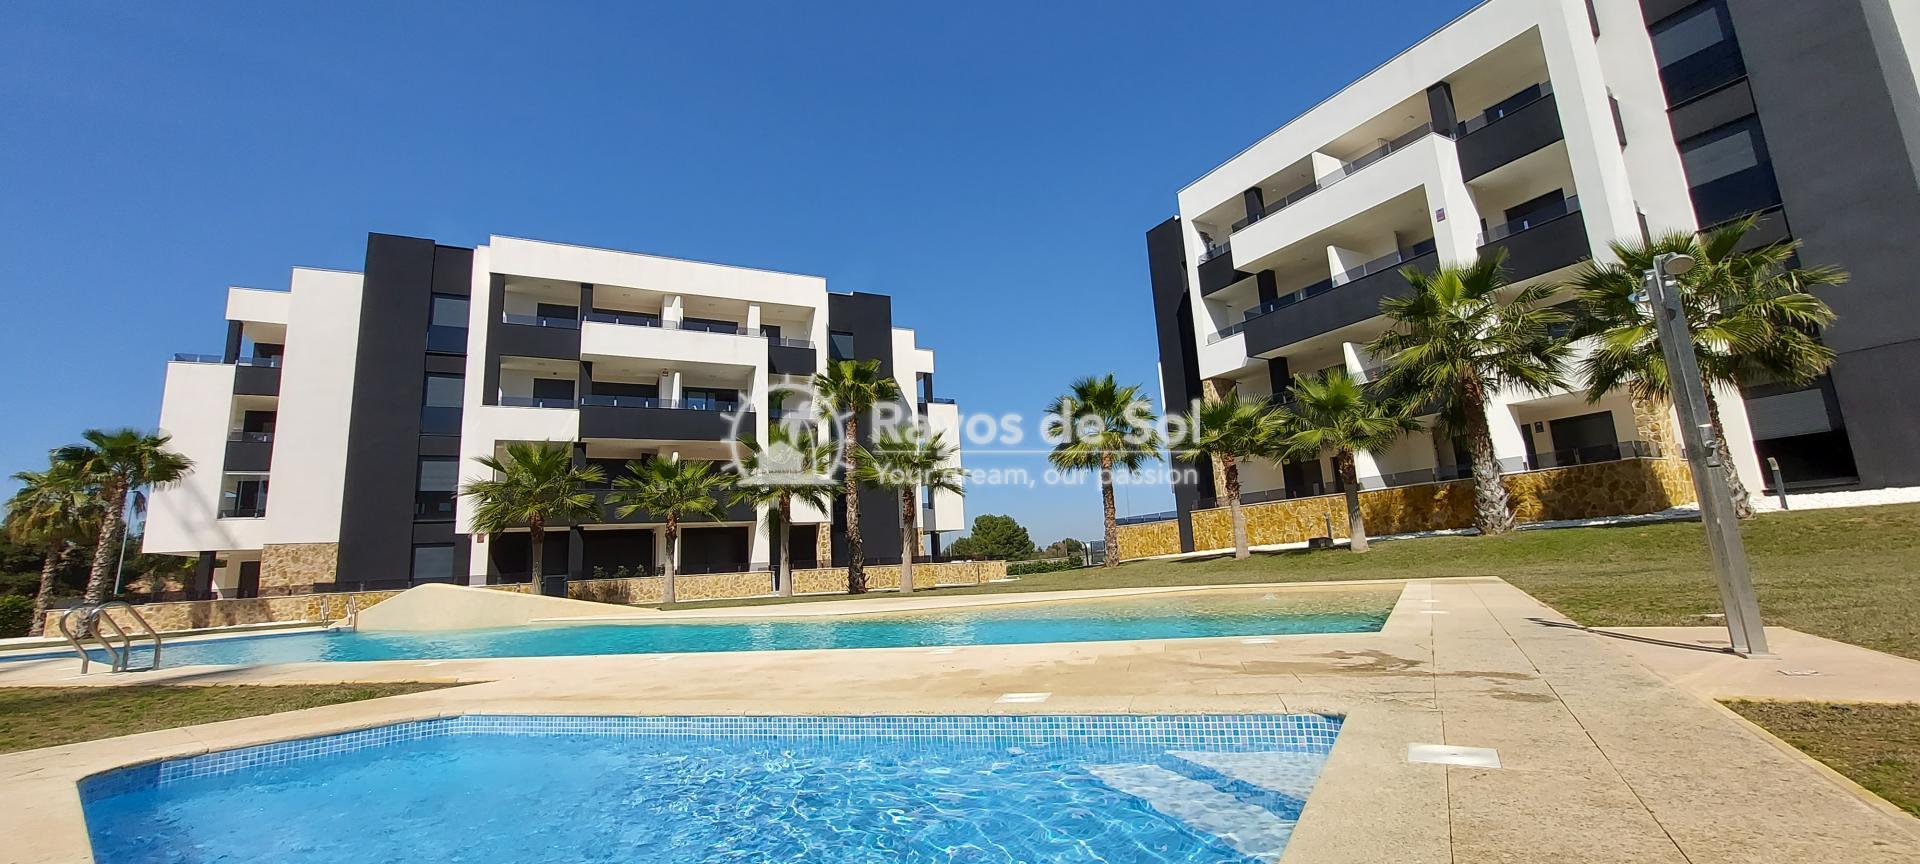 Apartment  in Orihuela Costa, Costa Blanca (amanecer6-3d) - 15